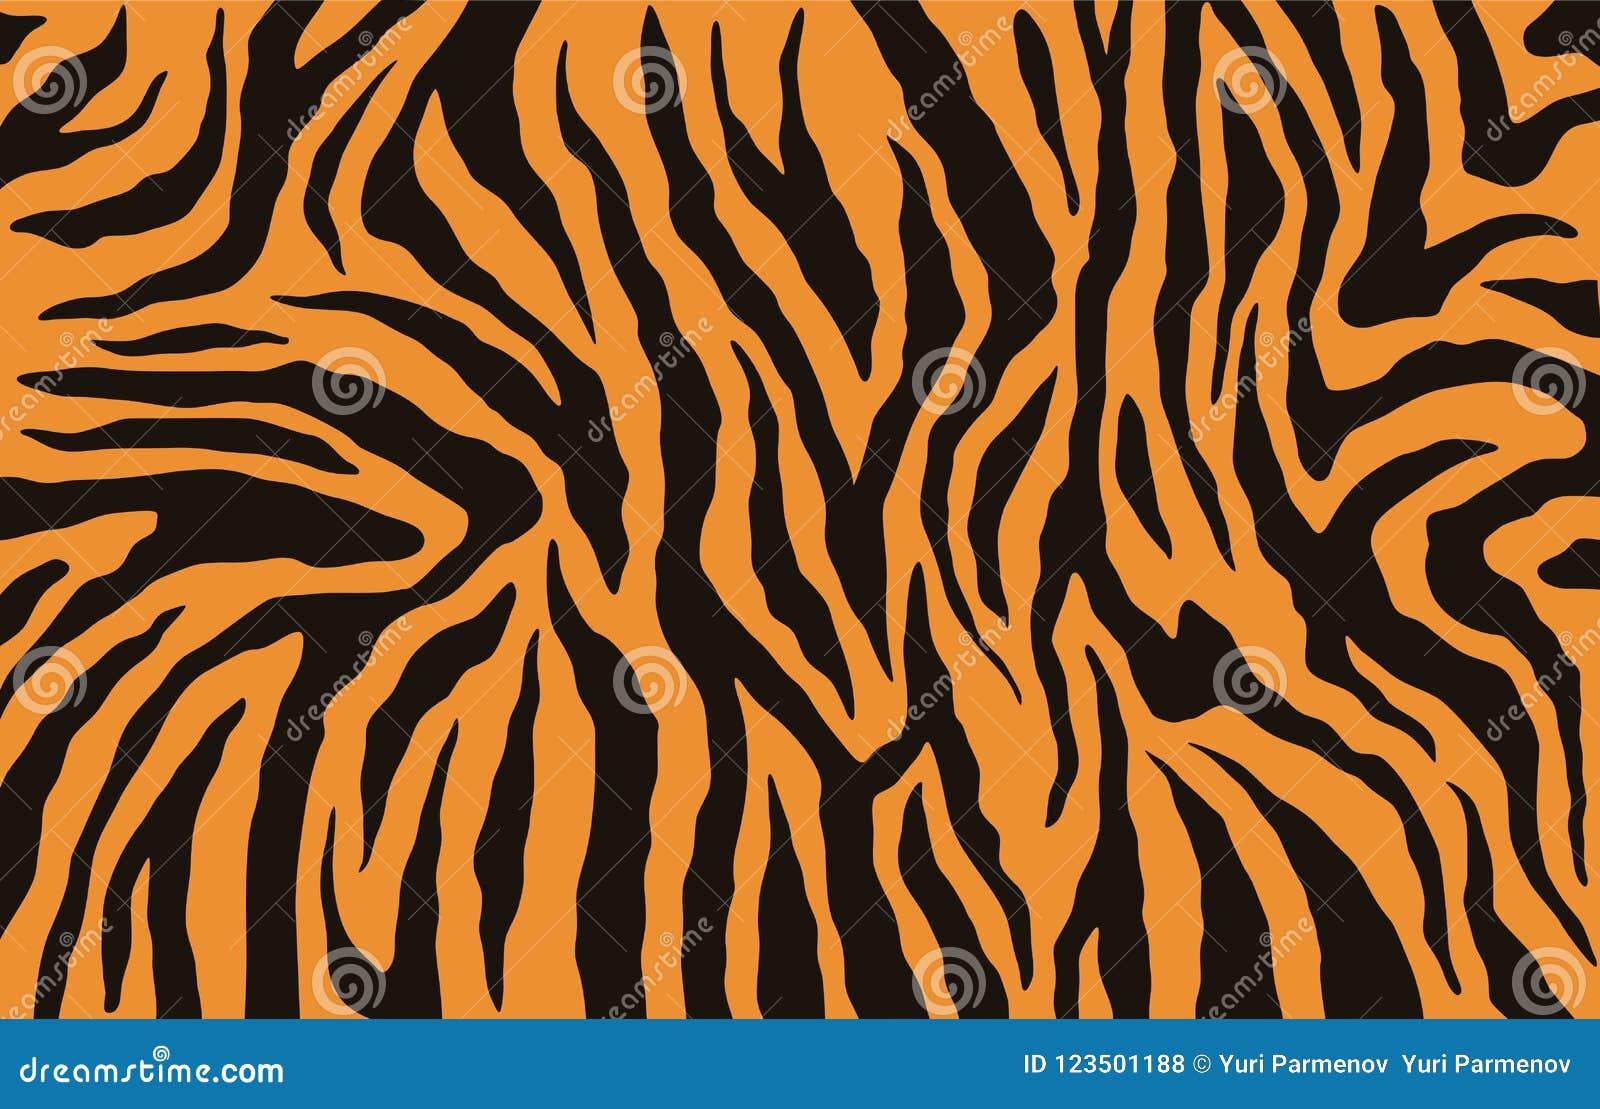 Tekstura Bengal tygrysa futerko, pomarańcze lampasów wzór Zwierzęcej skóry druk Safari tło wektor